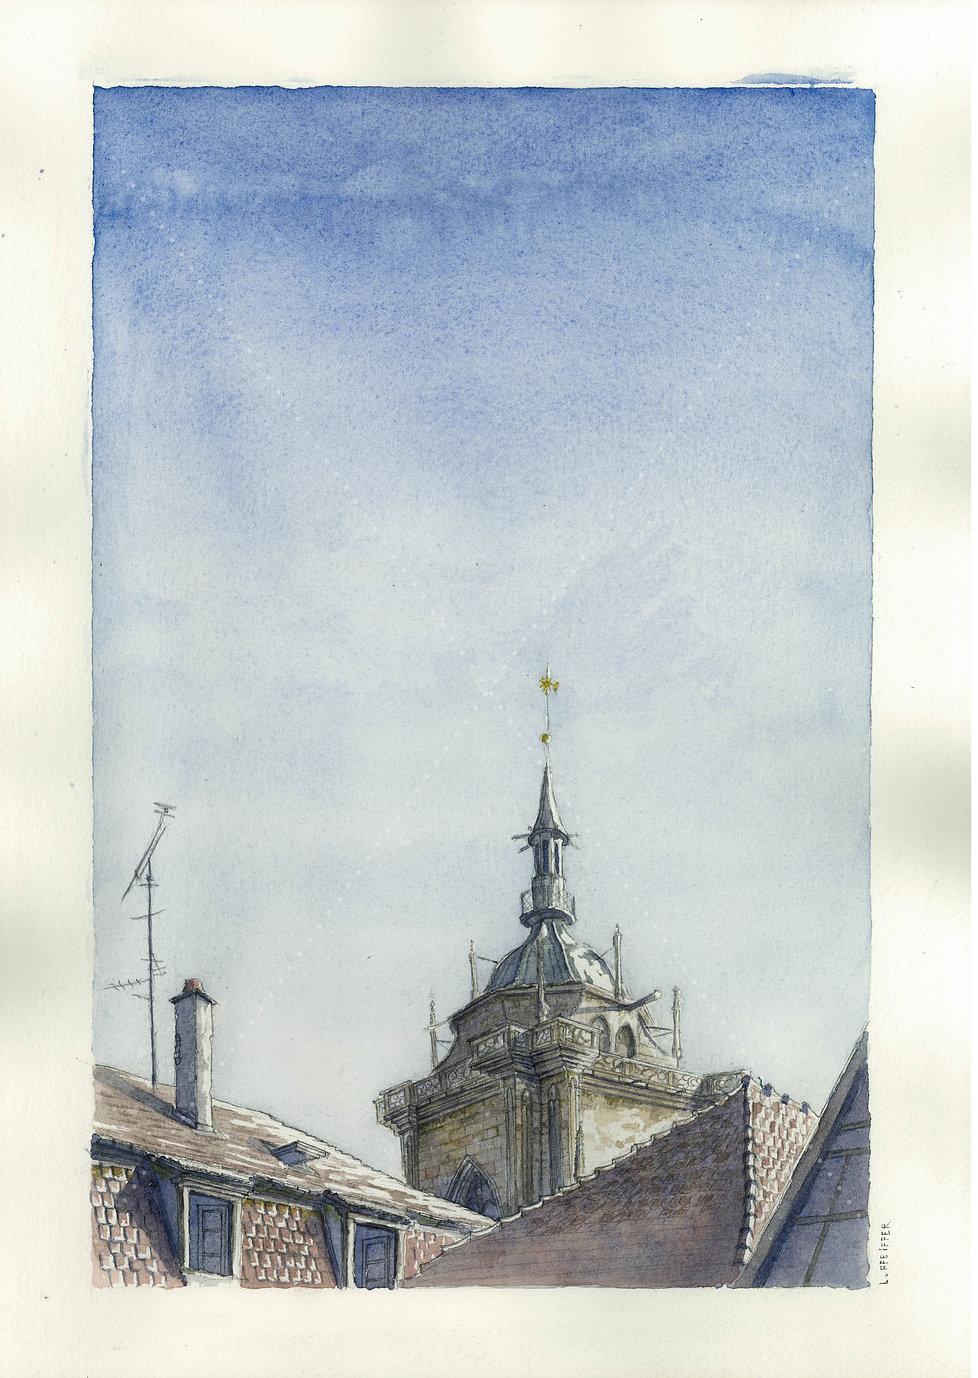 """Lucas Pfeiffer, """"Saint-Martin"""" Colmar, France, aquarellesur papier, 29,7x42cm, 2018"""